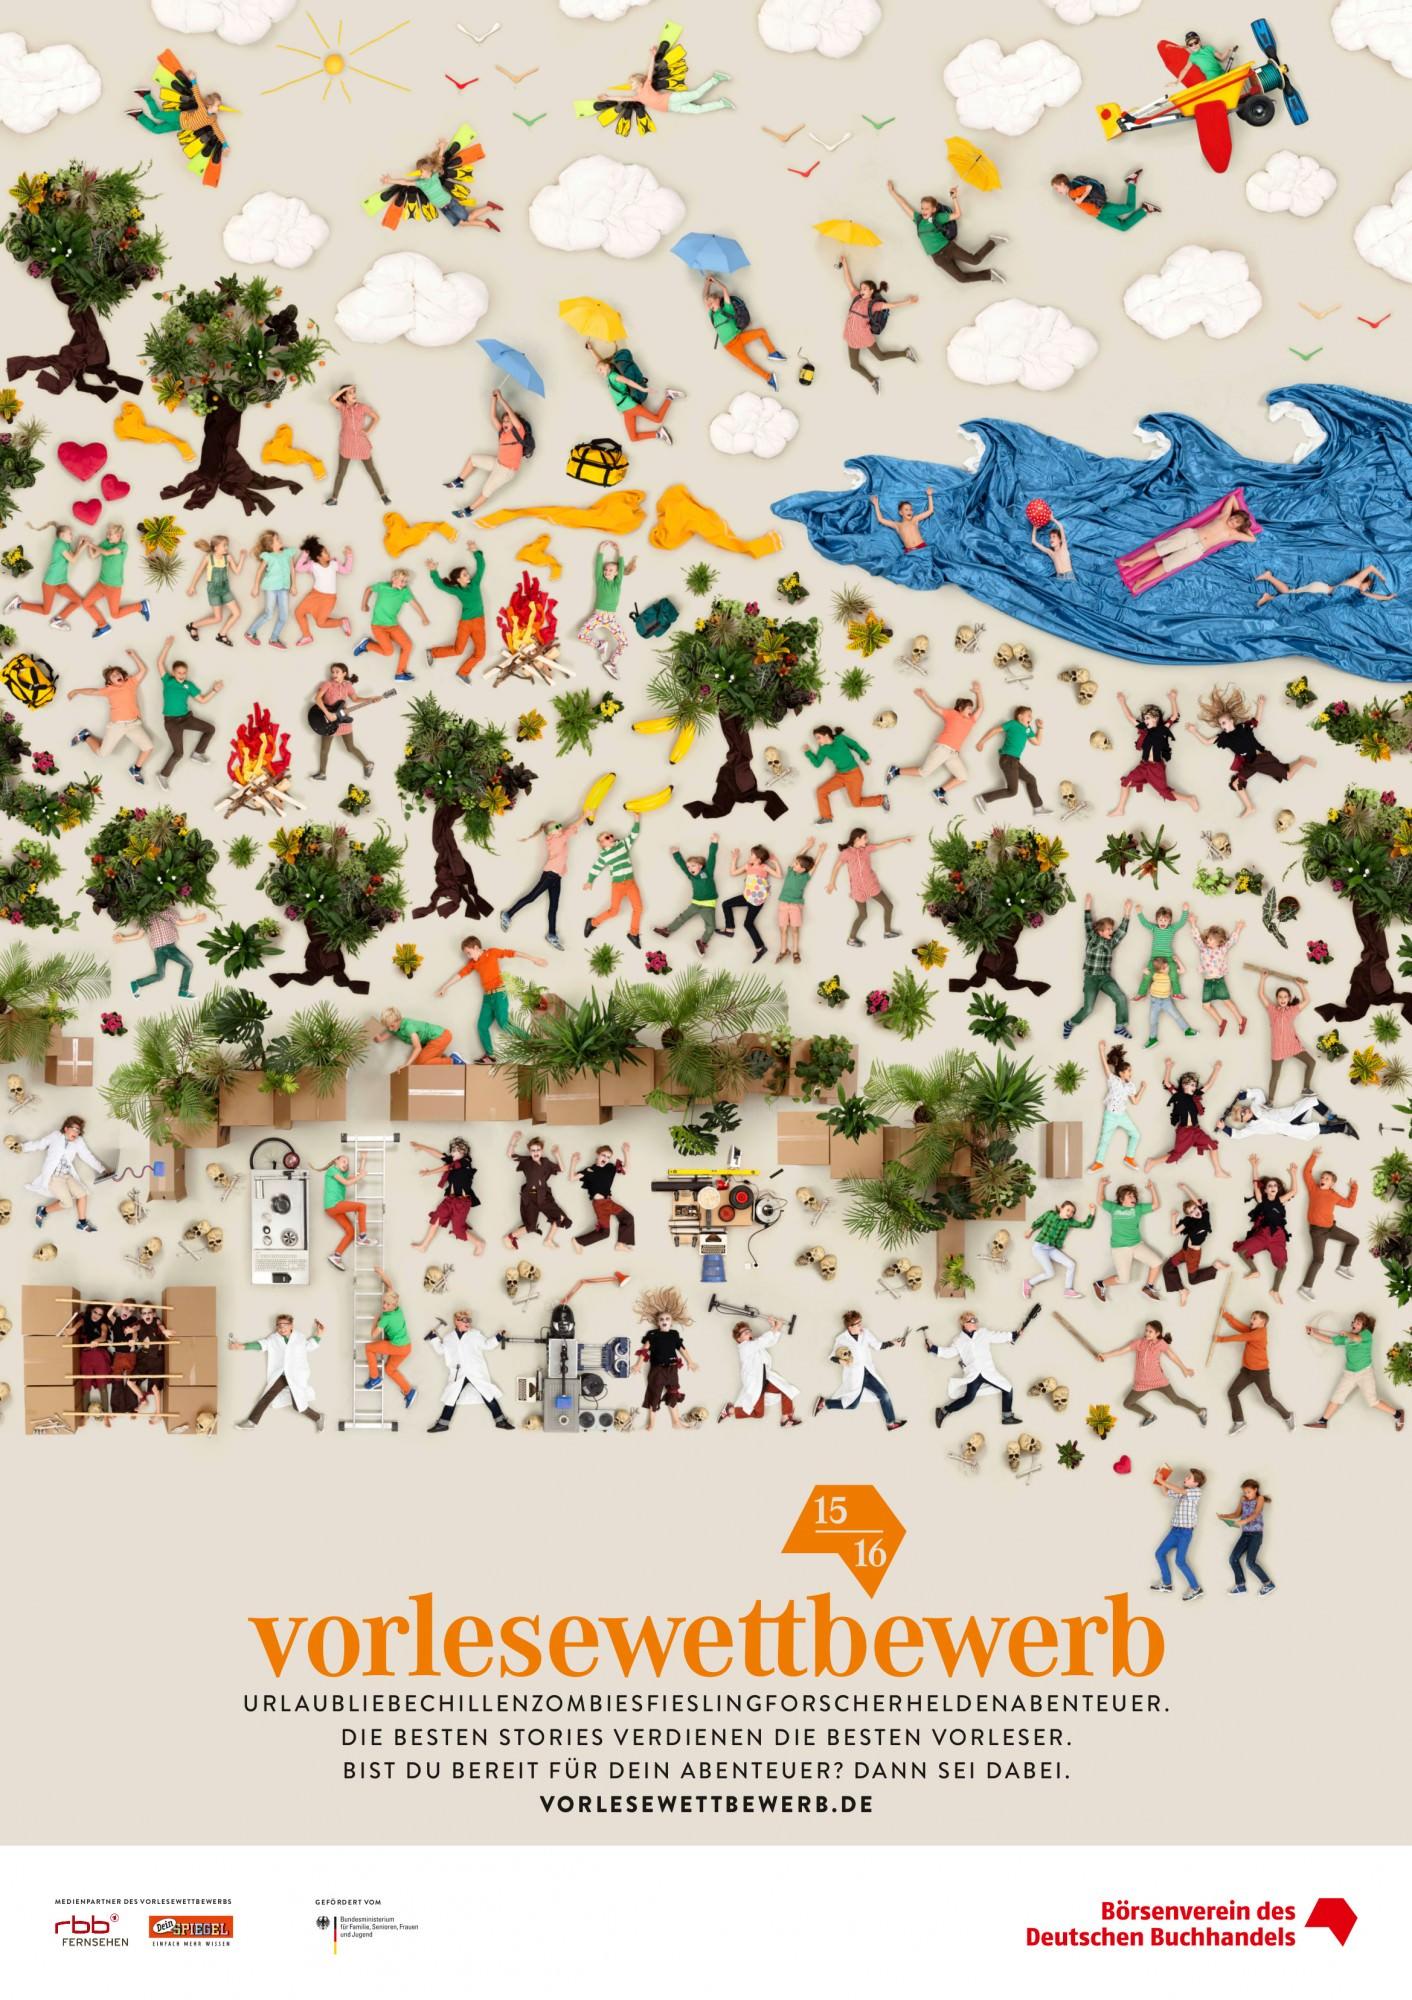 Vorlesewettbewerb 2016 - plakat